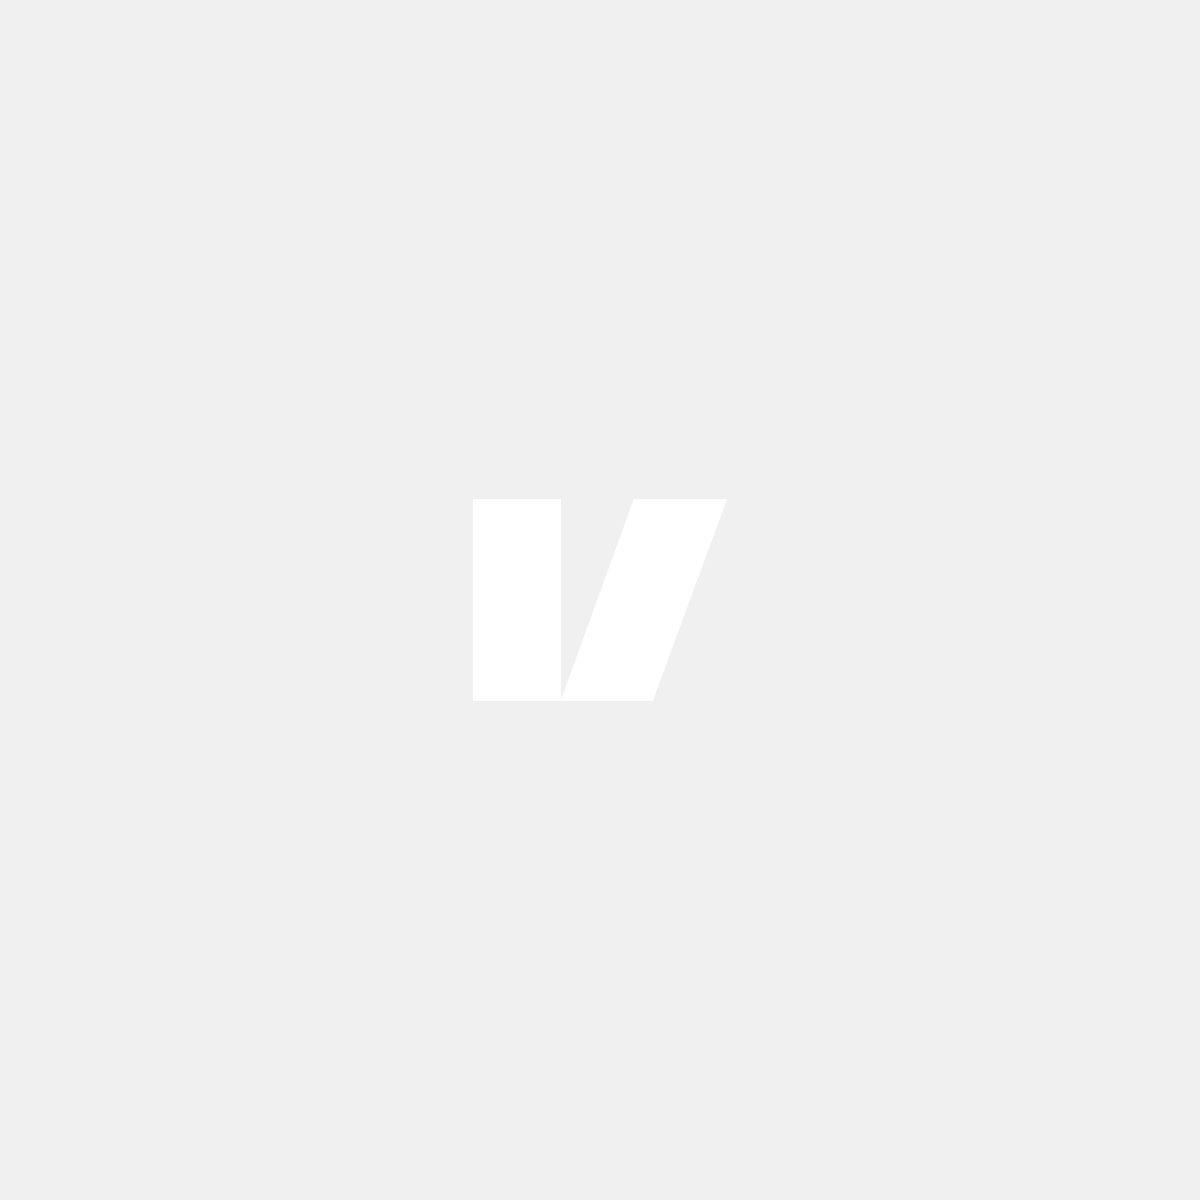 Sänkningssats till Volvo V70 III & S80 II, 35mm